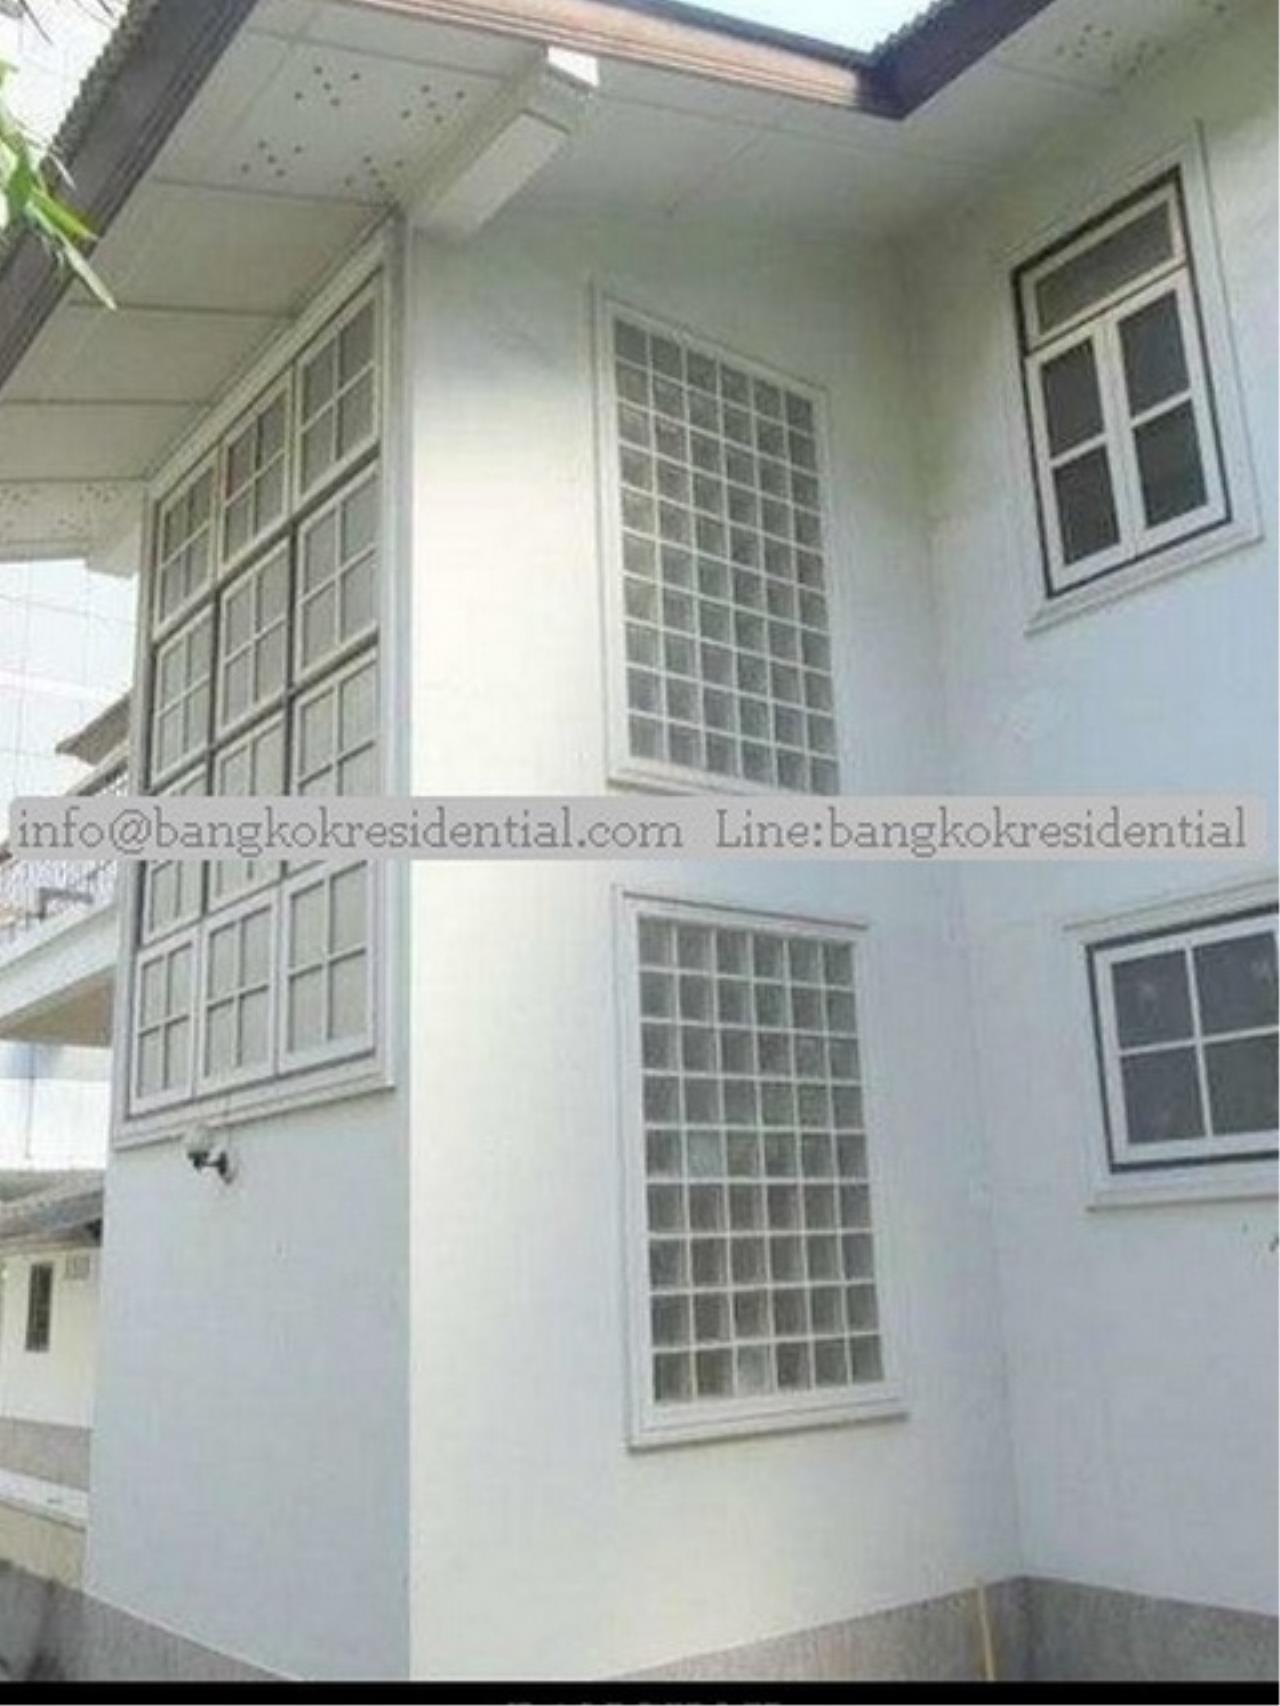 Bangkok Residential Agency's 4BR Single House For Rent (BR8060SH) 13